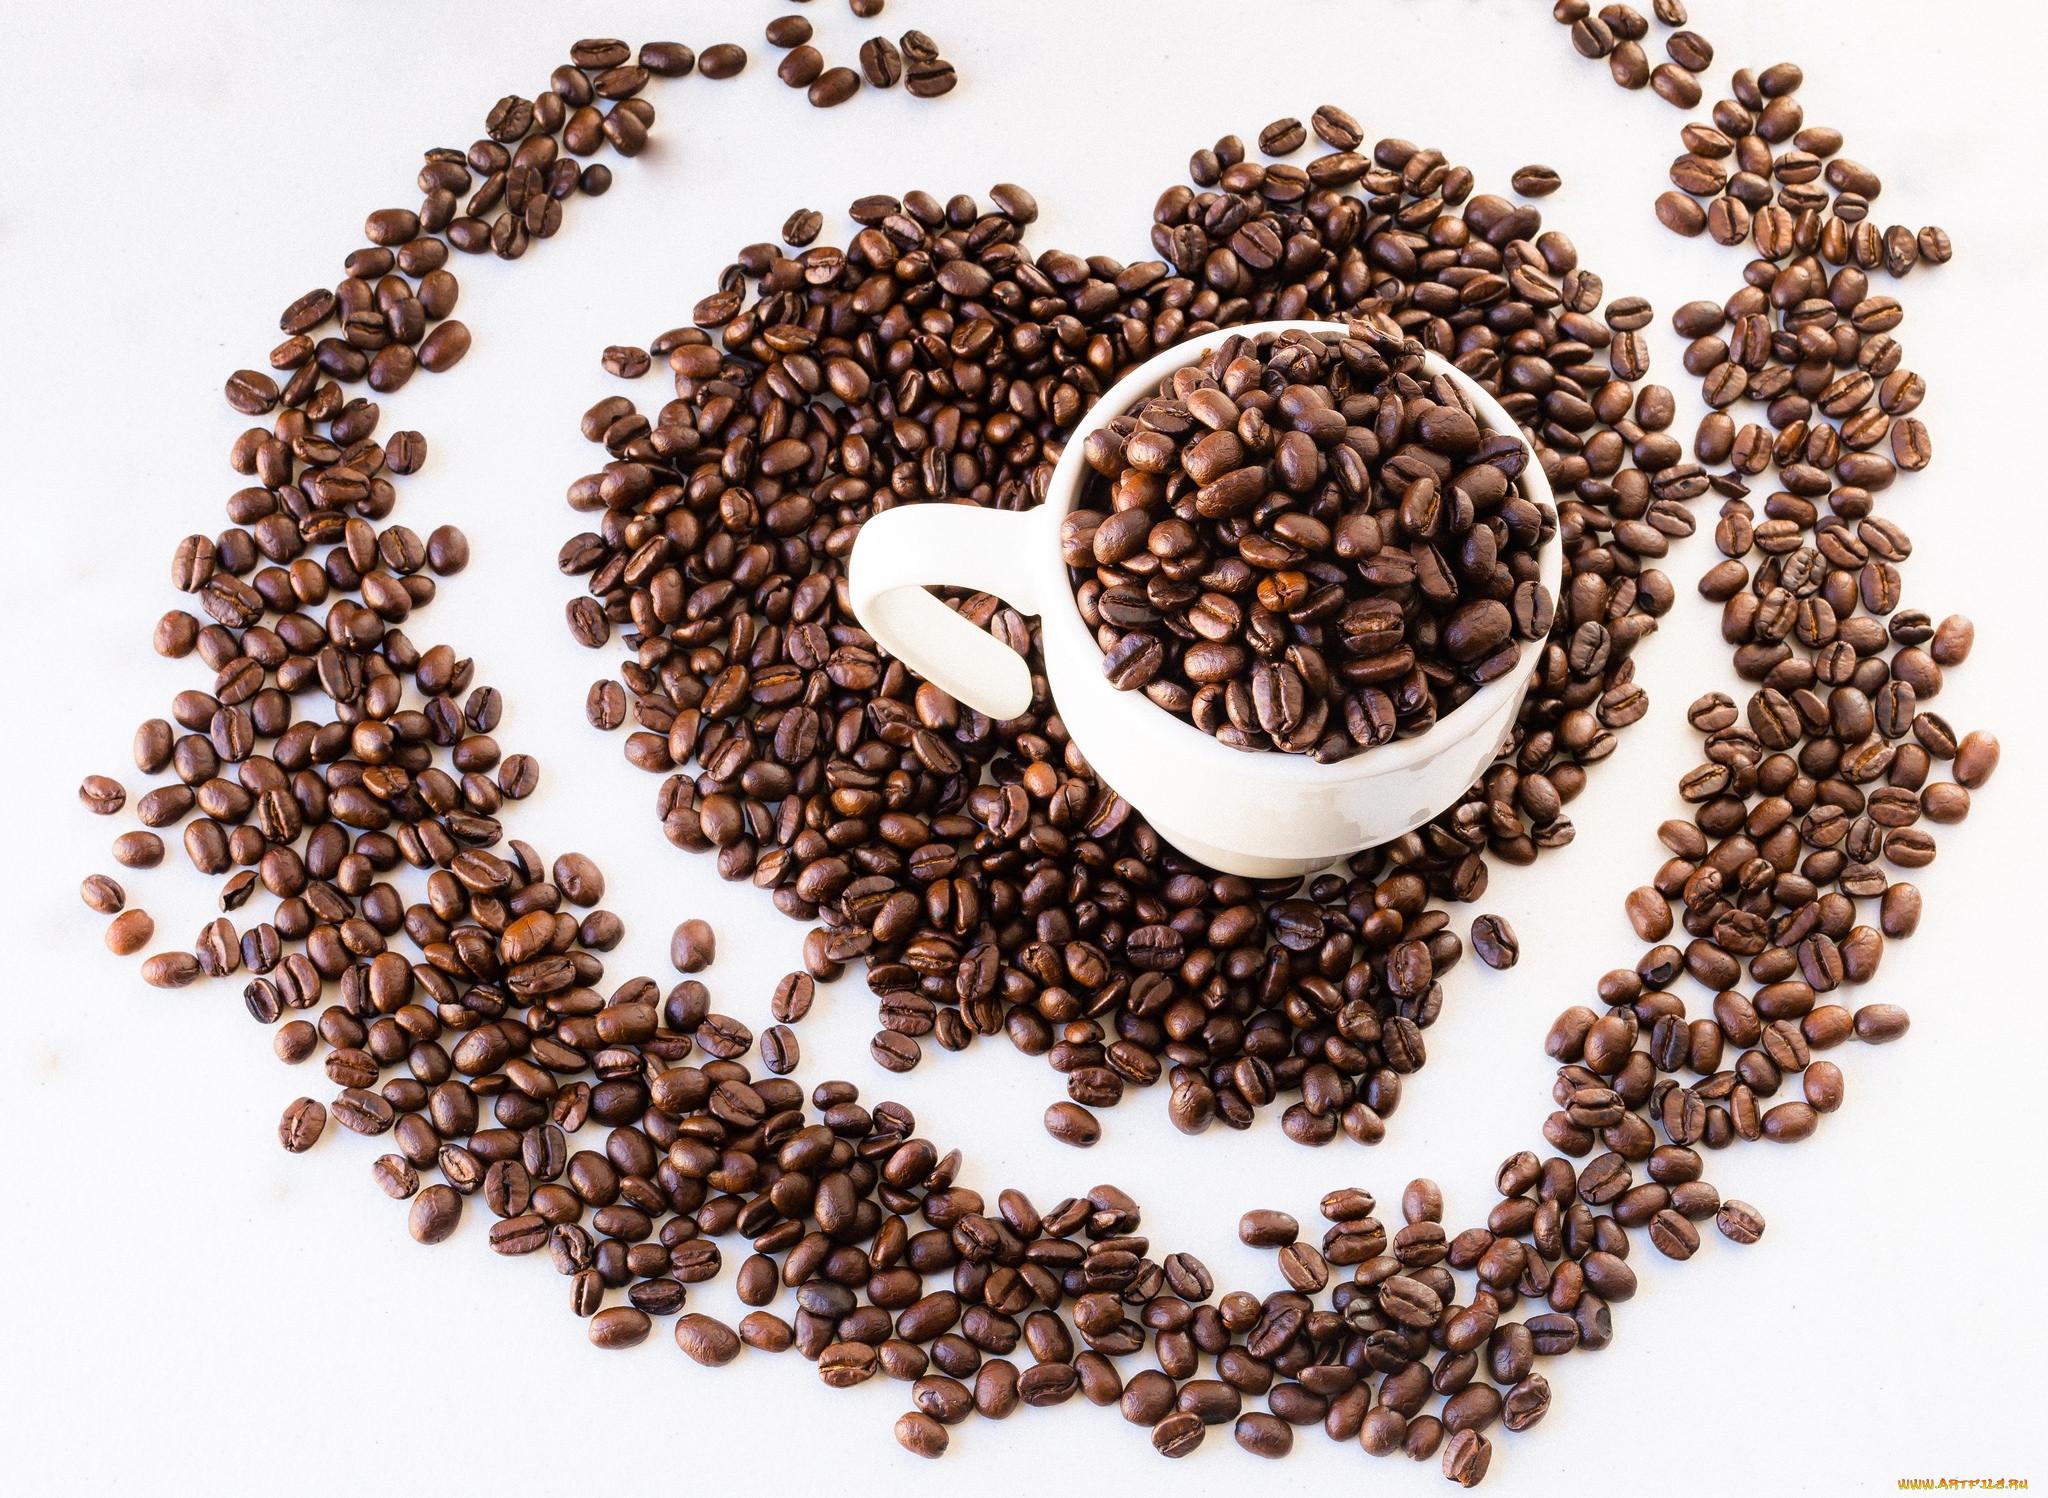 цель красивой из кофейного зерна картинки если хотите поделиться